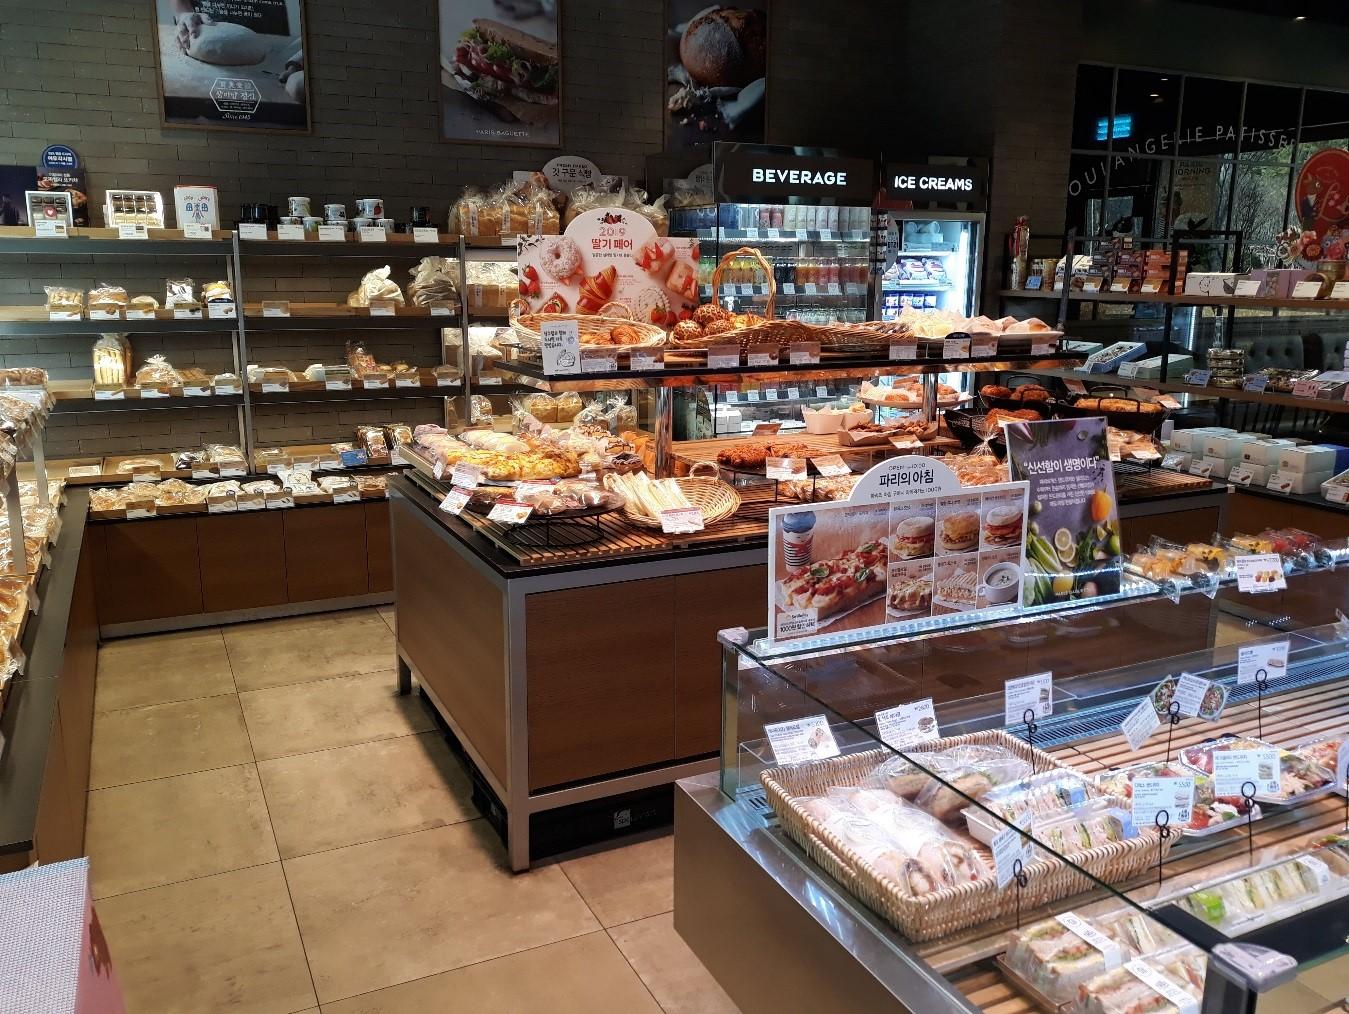 パリバケット店内のパン